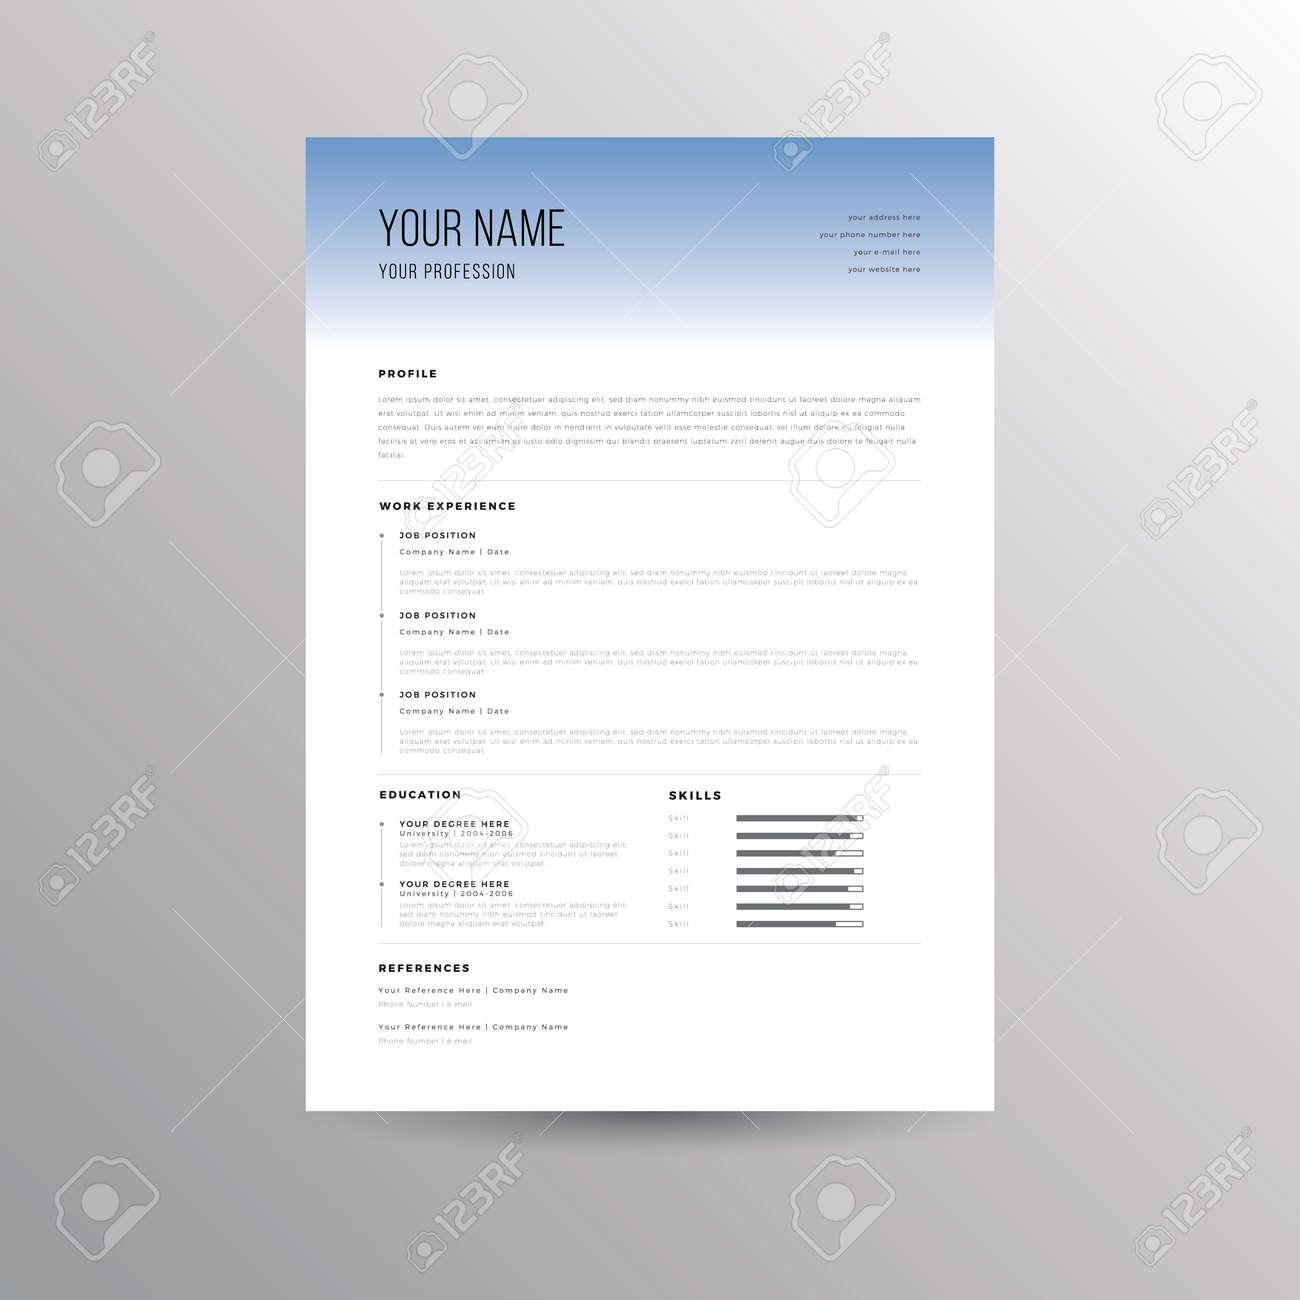 Cv Resume Vorlage Für Bewerbungen Lizenzfrei Nutzbare